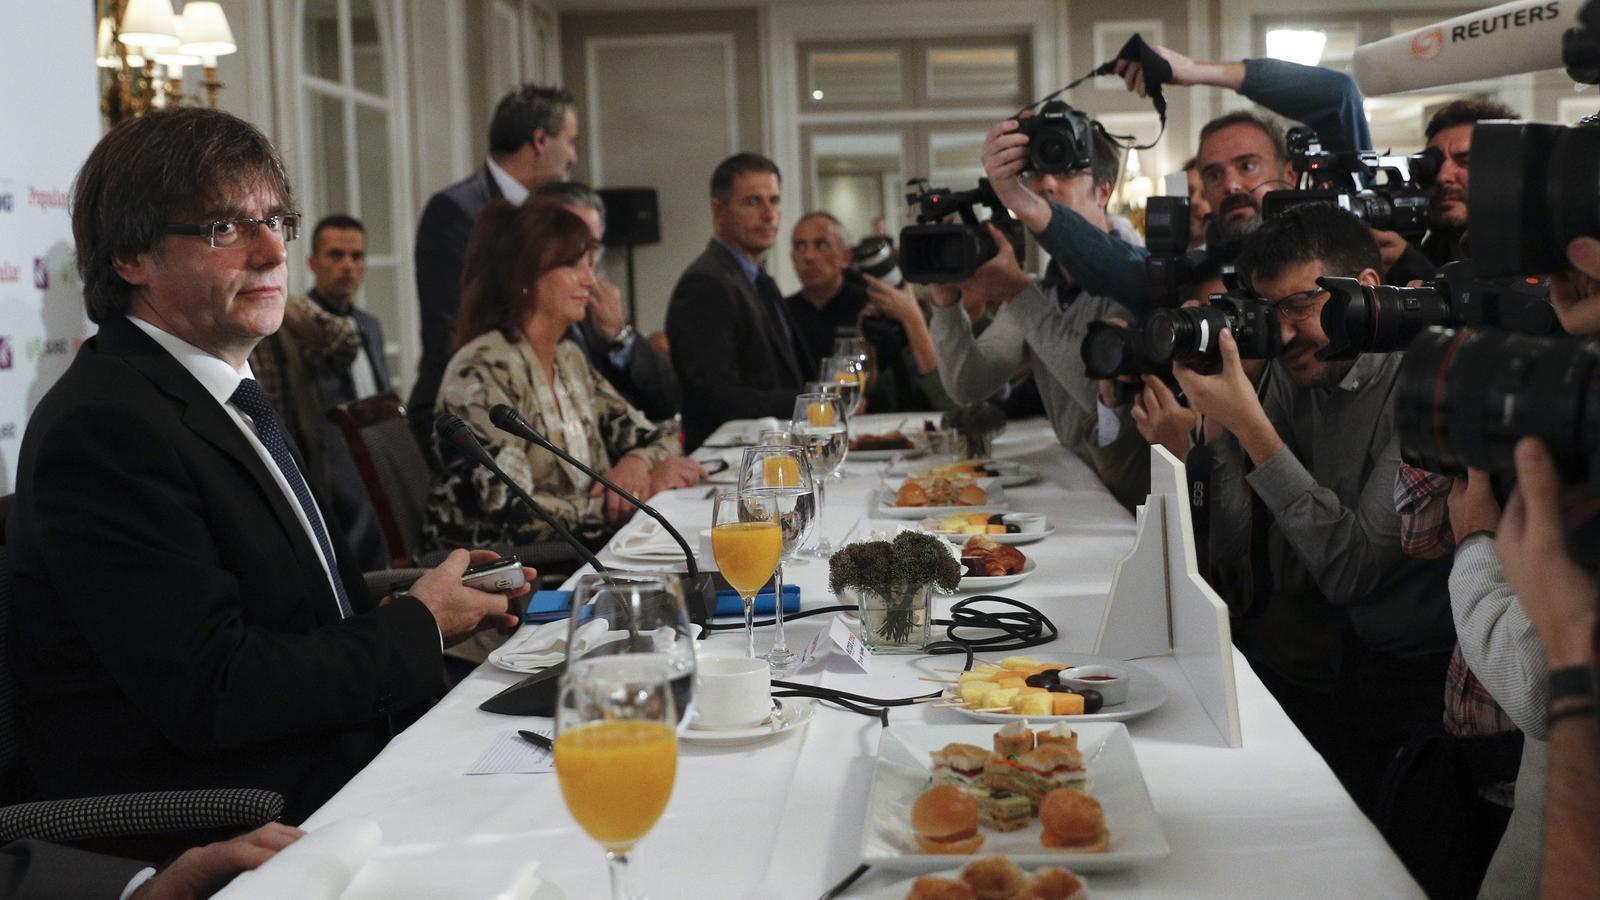 El president de la Generalitat, Carles Puigdemont, a la conferència d'aquest dilluns / JUAN CARLOS HIDALGO / EFE